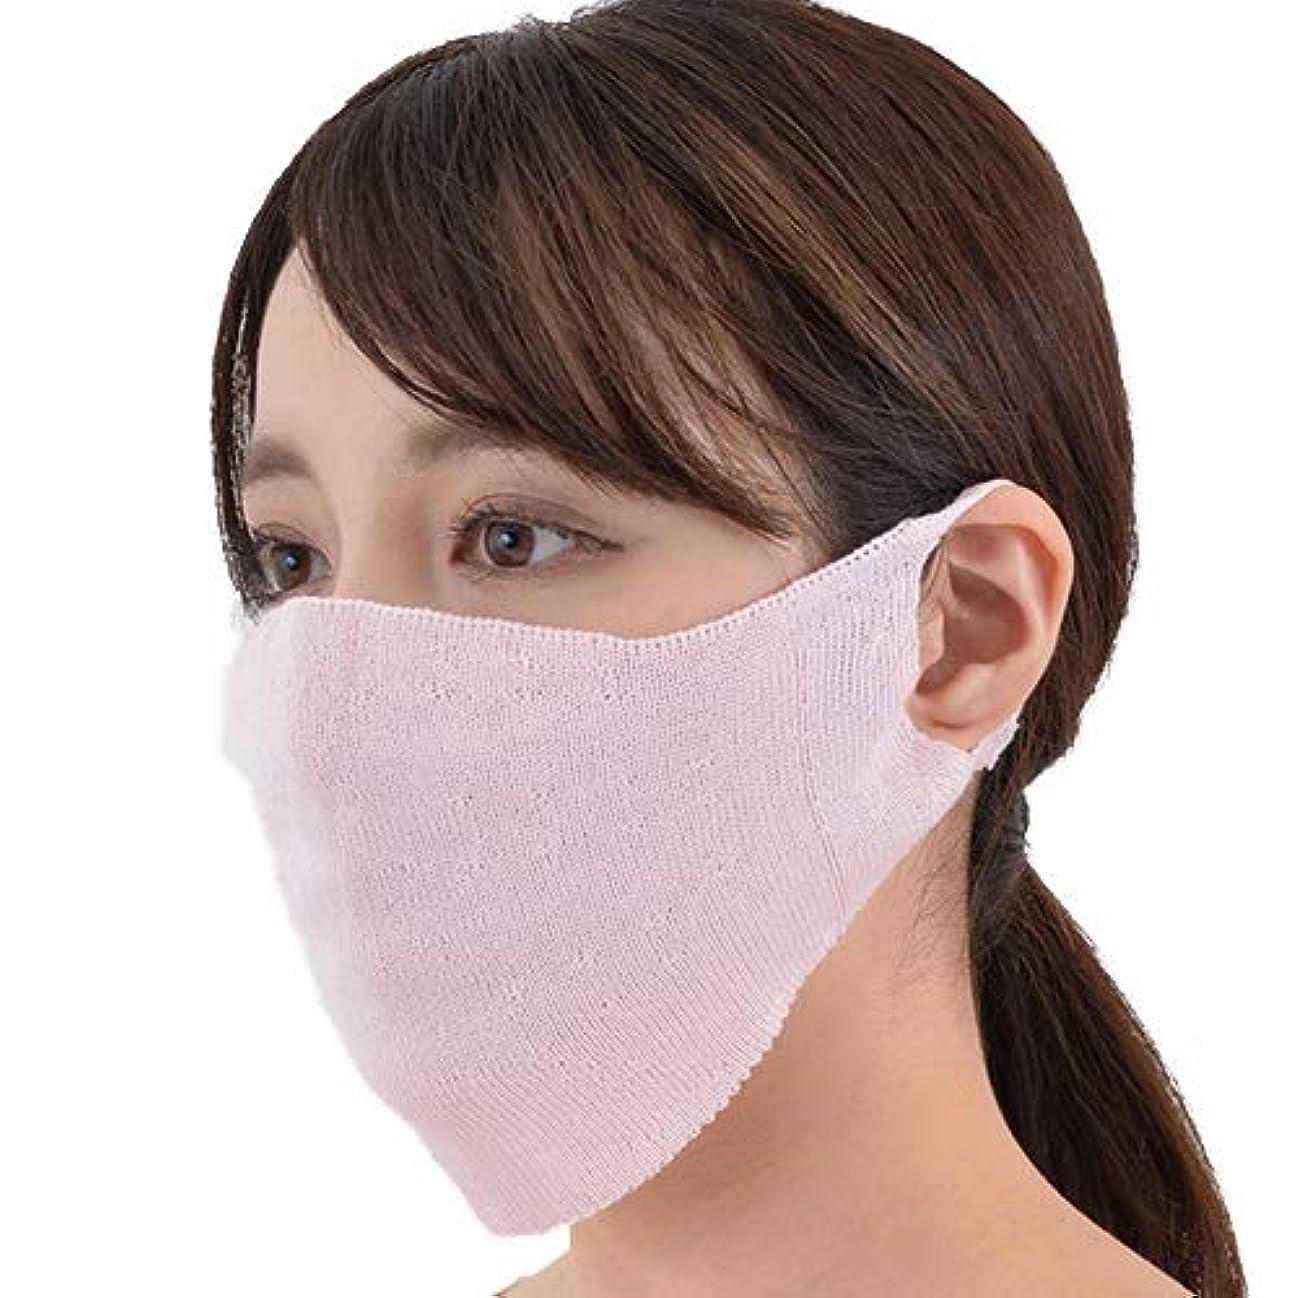 具体的にリベラル囲まれた【SILK100%】無縫製 保湿マスク シルク100% ホールガーメント® 日本製 工場直販 (ピンク)(4045-7188)